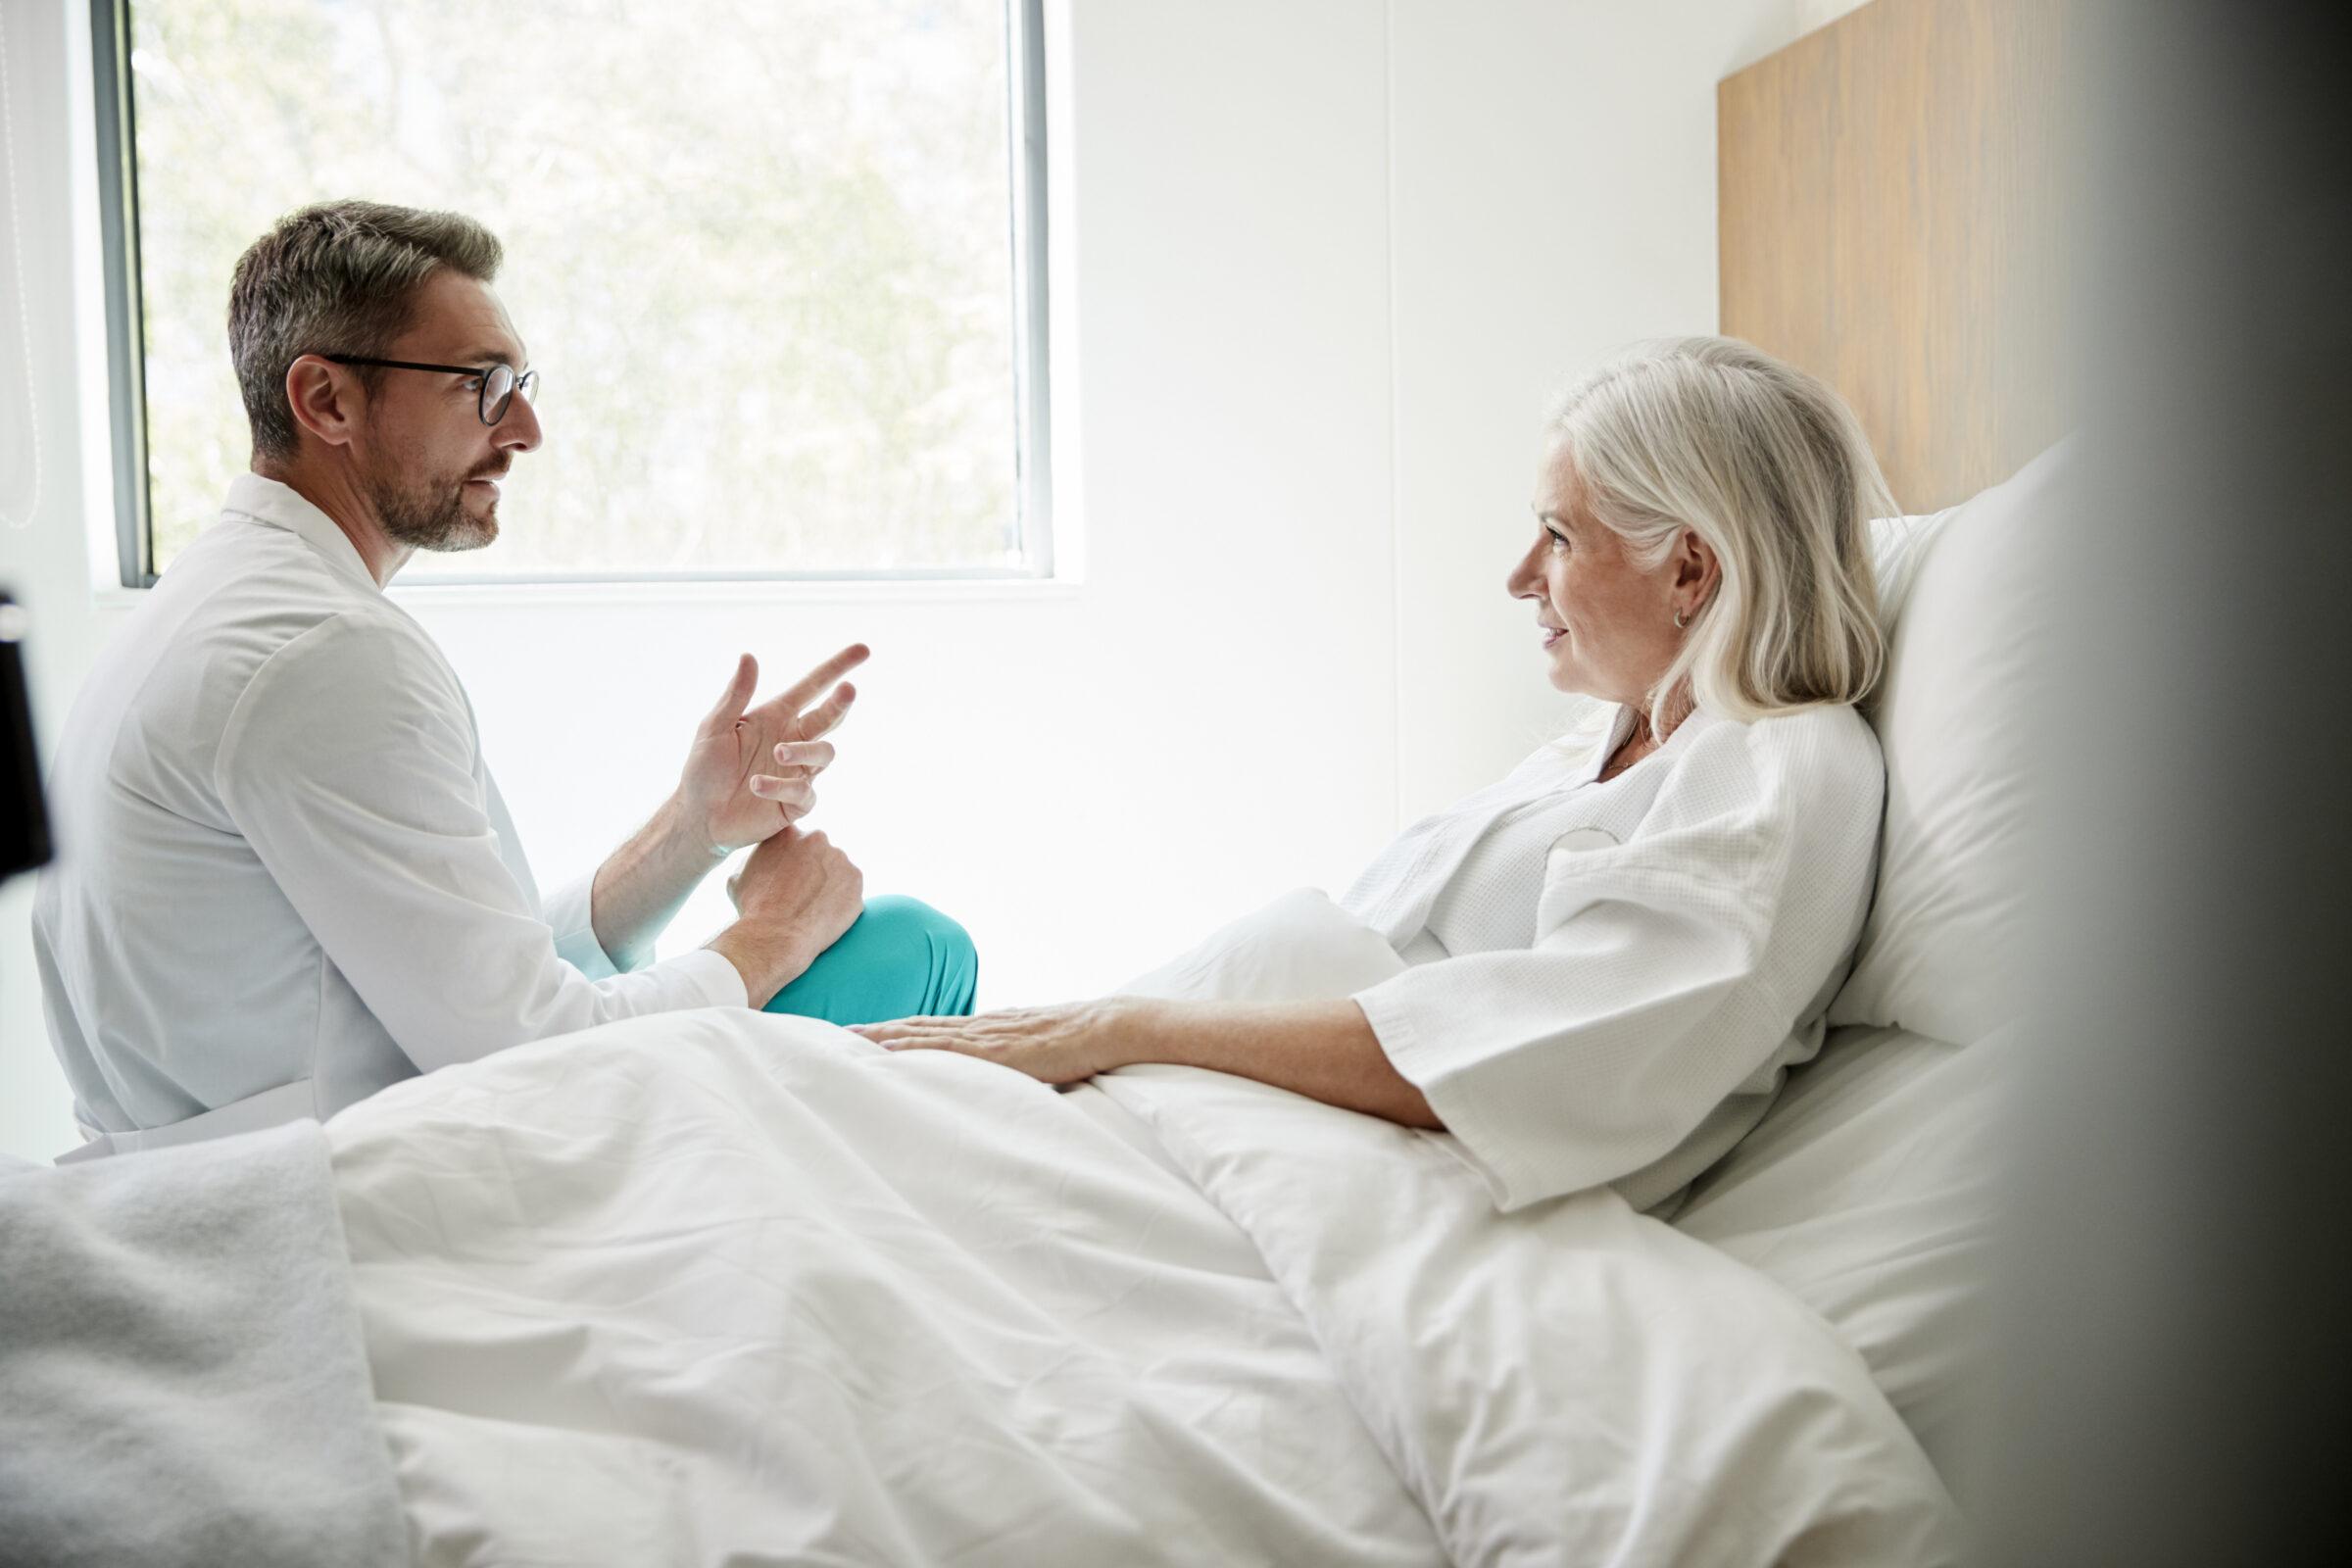 vrouwelijke patiënt in ziekenhuisbed heeft gesprek met dokter